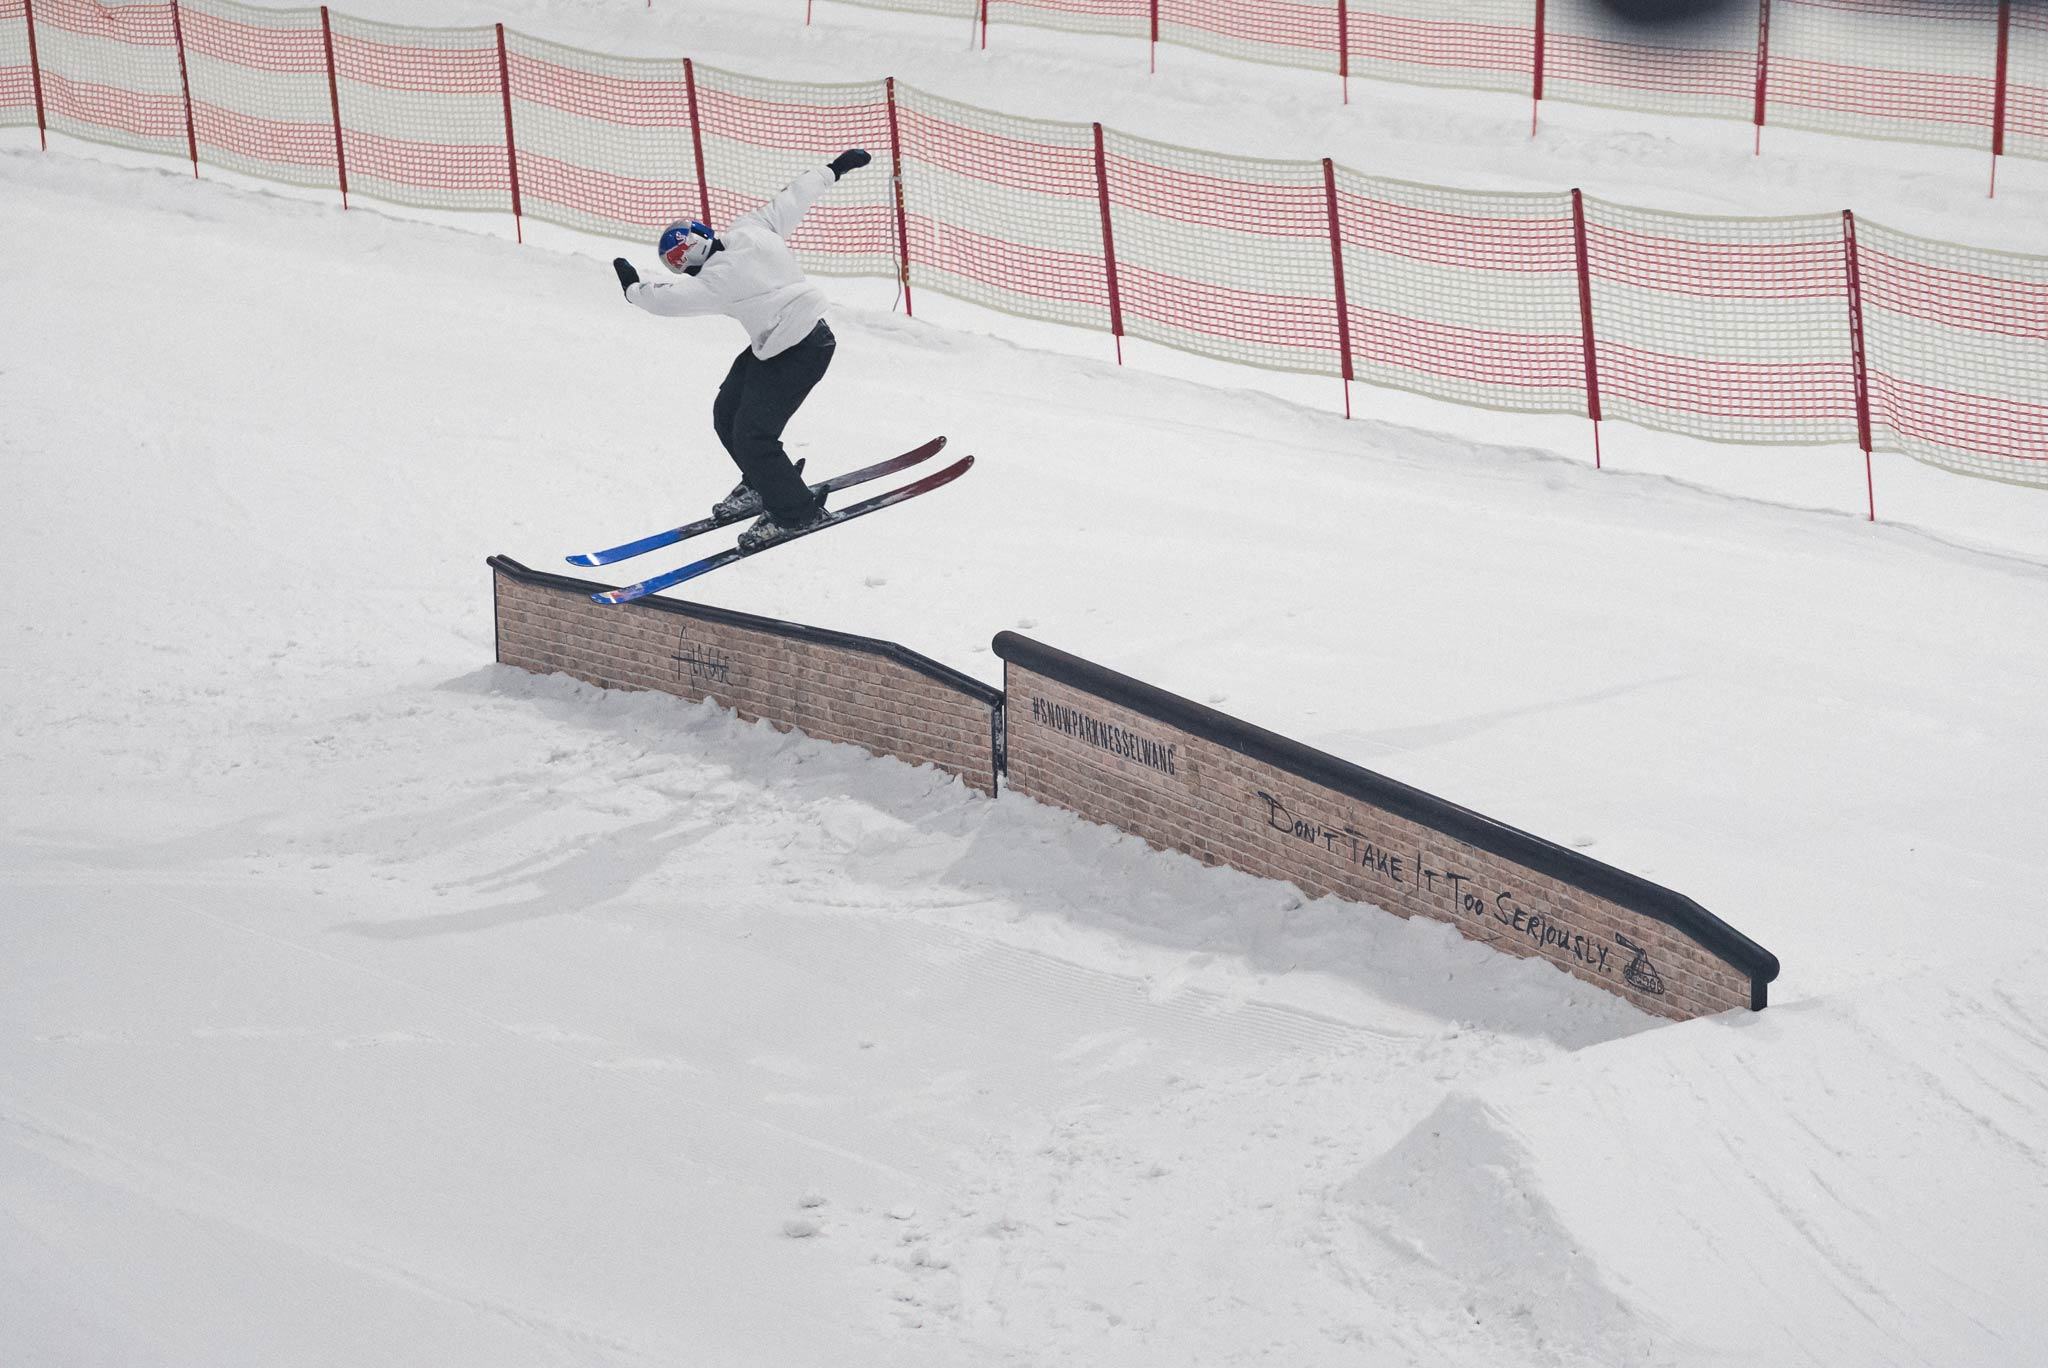 Neben vielen Beginnern sowie Core Ridern kommen auch immer mehr Nationalteams in den Snowpark Bispingen - Rider: Kai Mahler (Swiss Freeski)